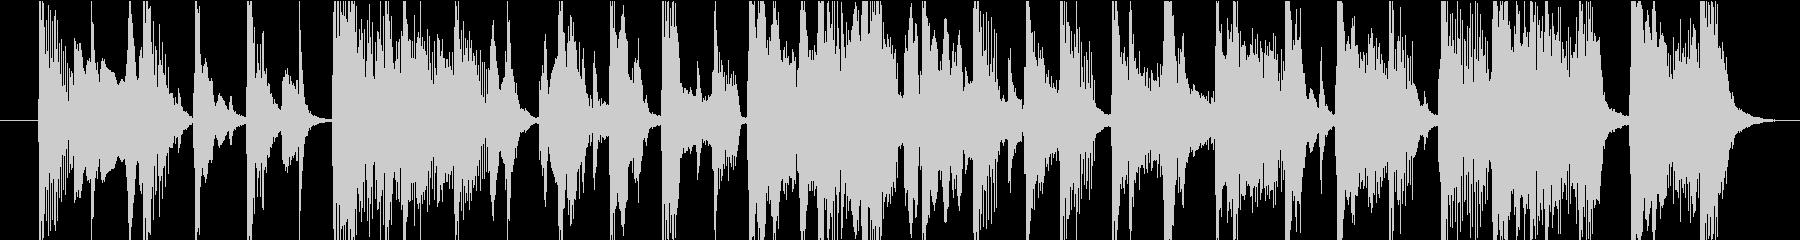 15秒CMサイズの7 ご陽気な曲です。の未再生の波形